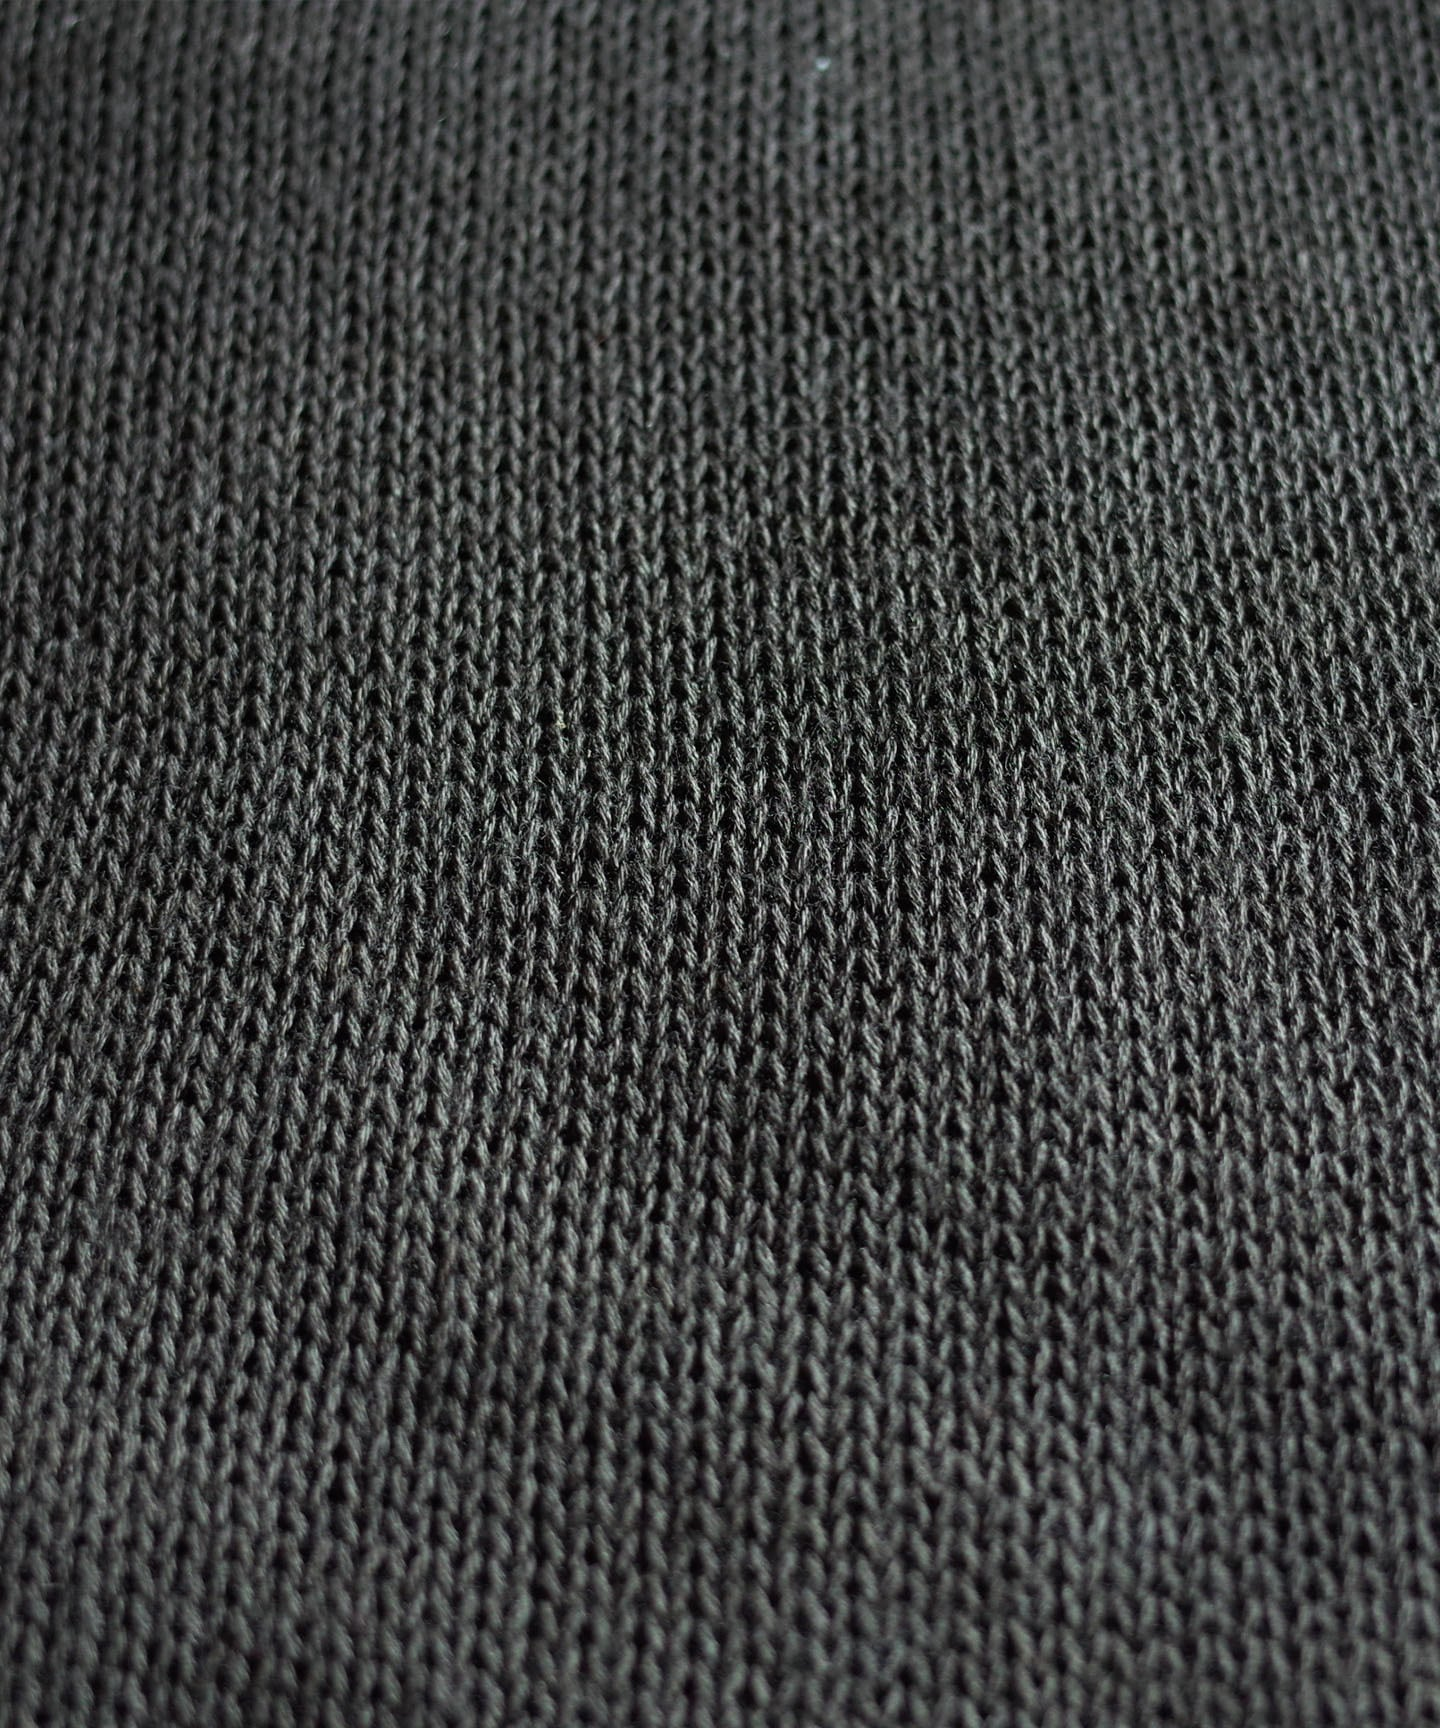 【手編み機で編んだ】コットンシルクカシミヤのストール CSC-38